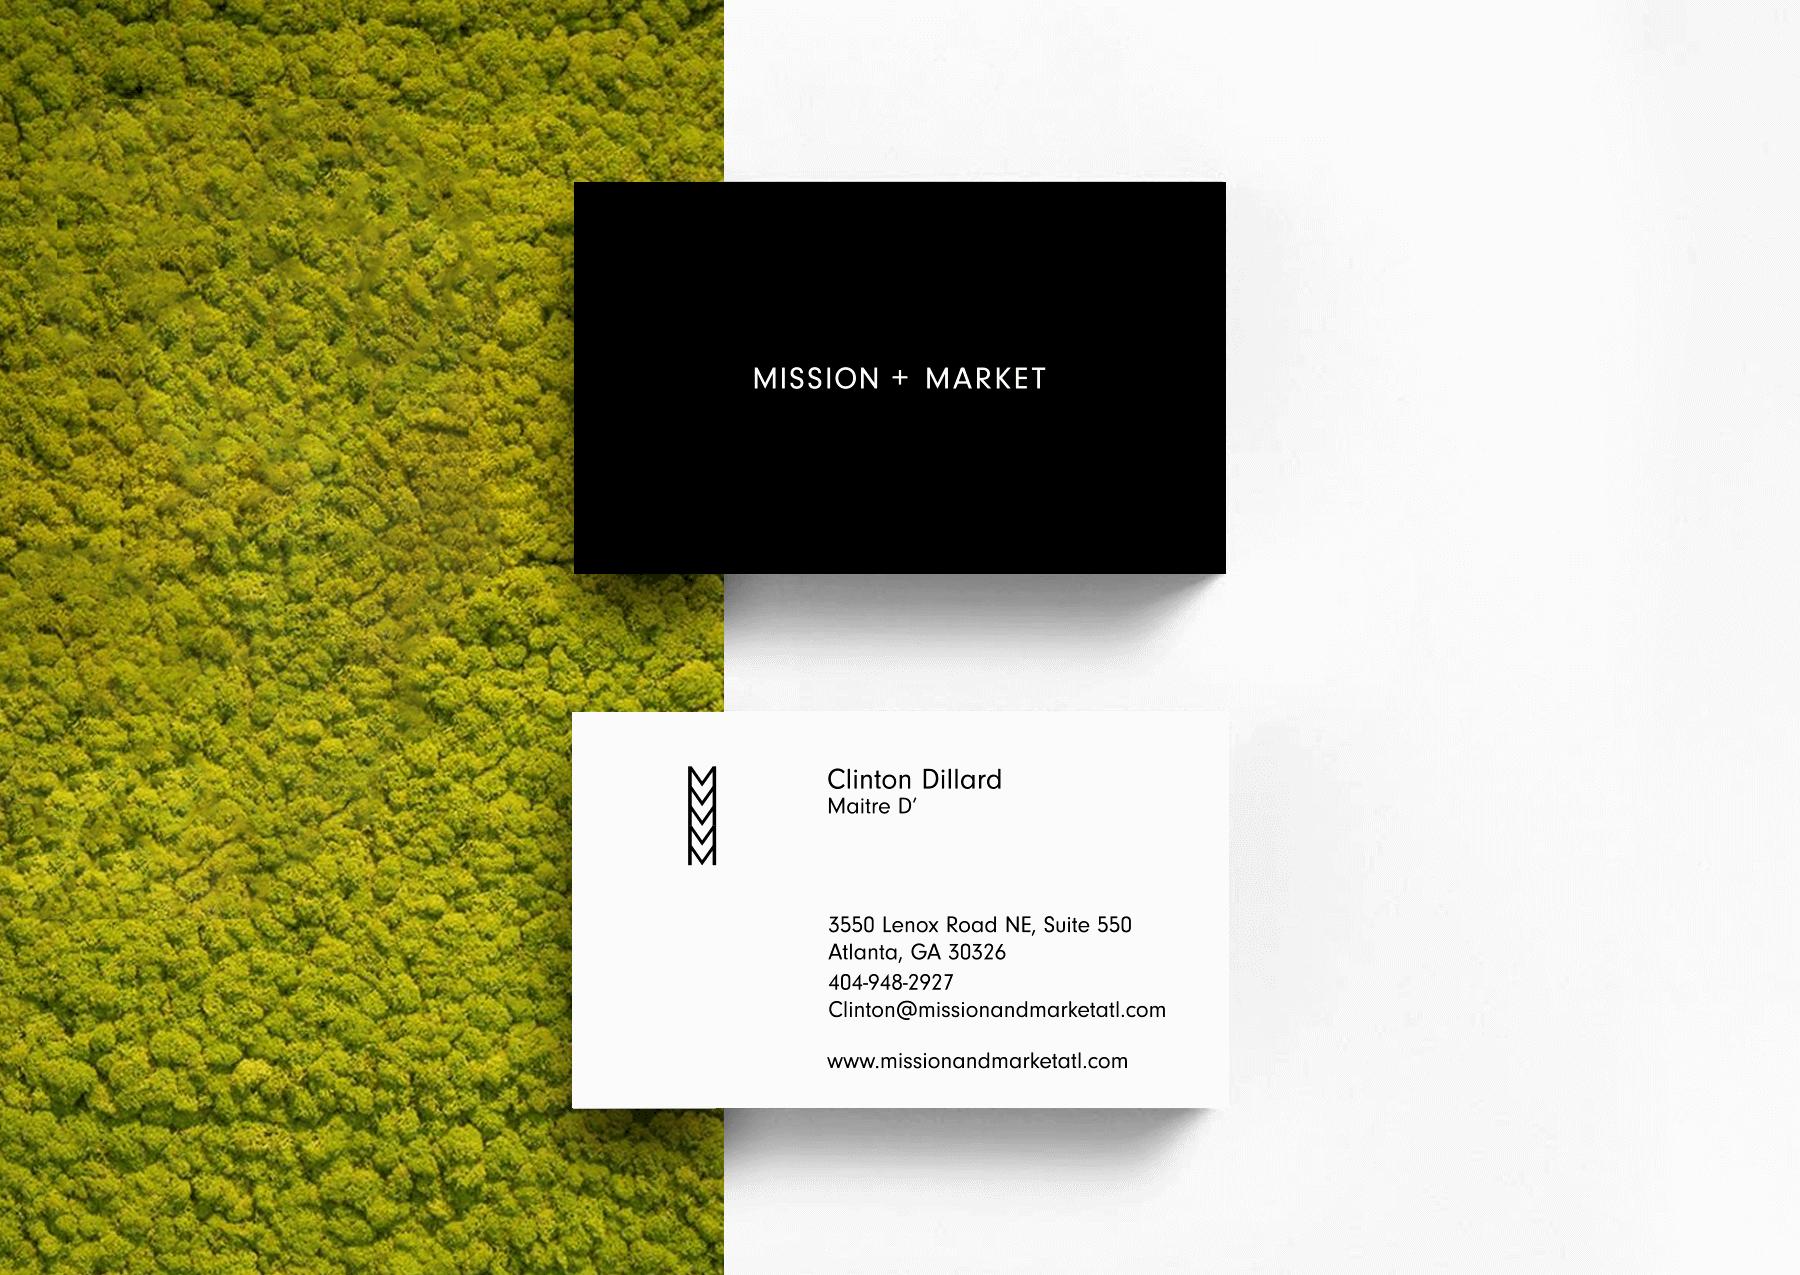 Mission + Market Business Card Design